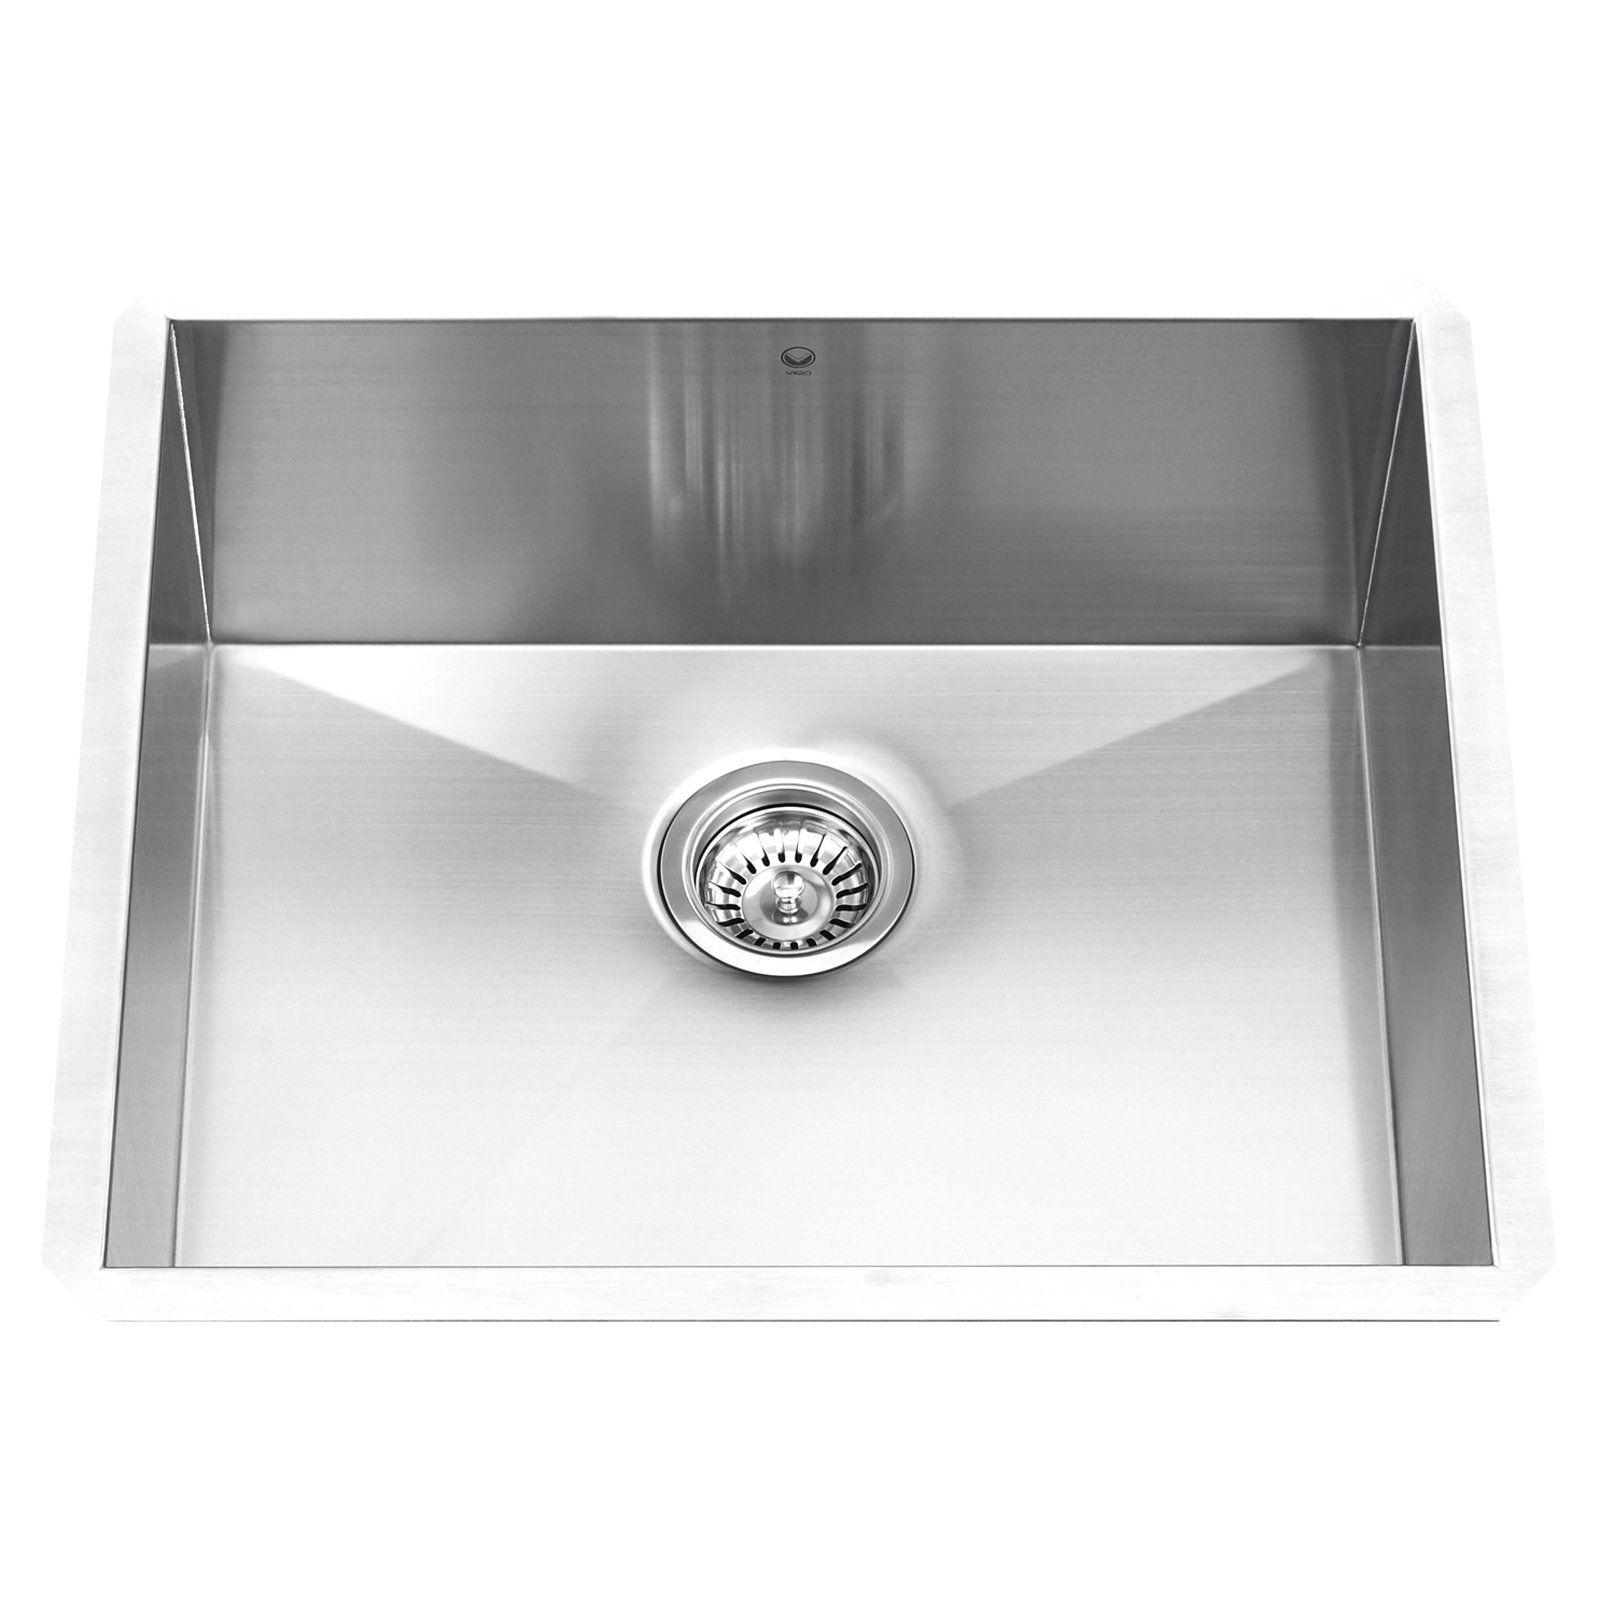 Vigo Vg2320c Single Basin Undermount Kitchen Sink In 2019 Single